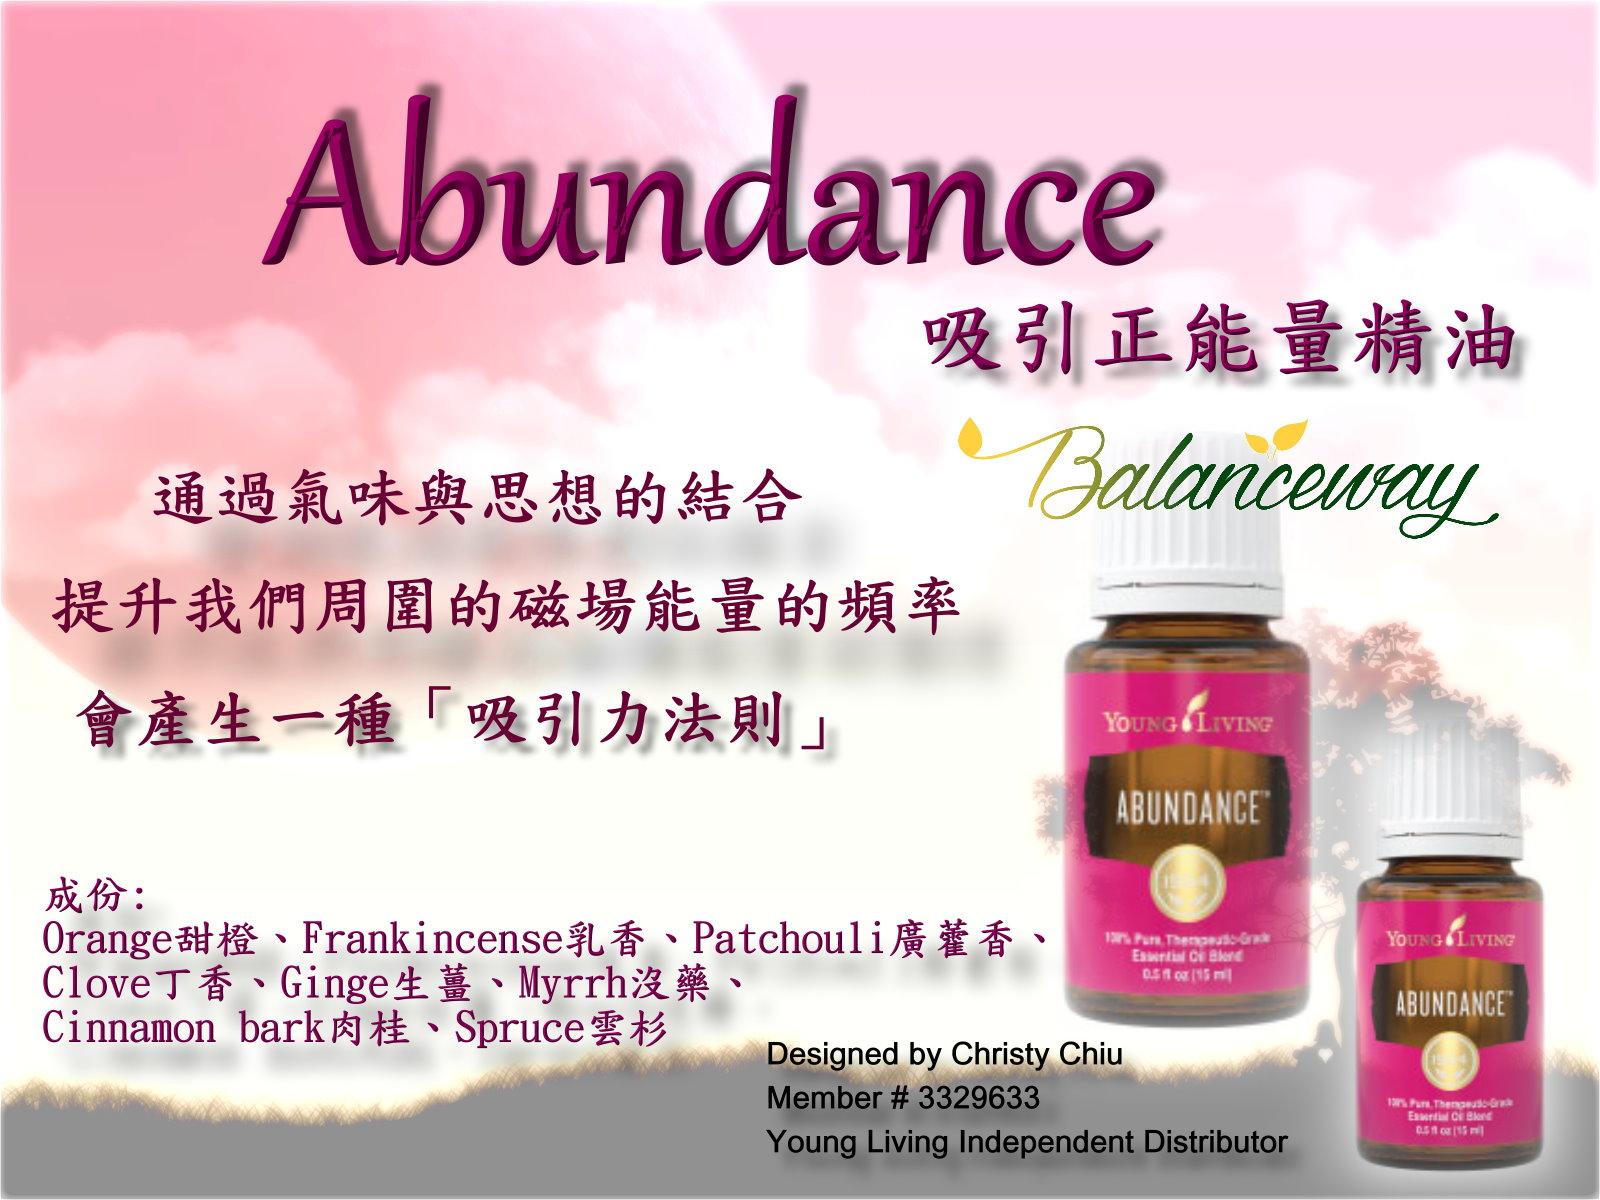 Abundance art _ 04212016